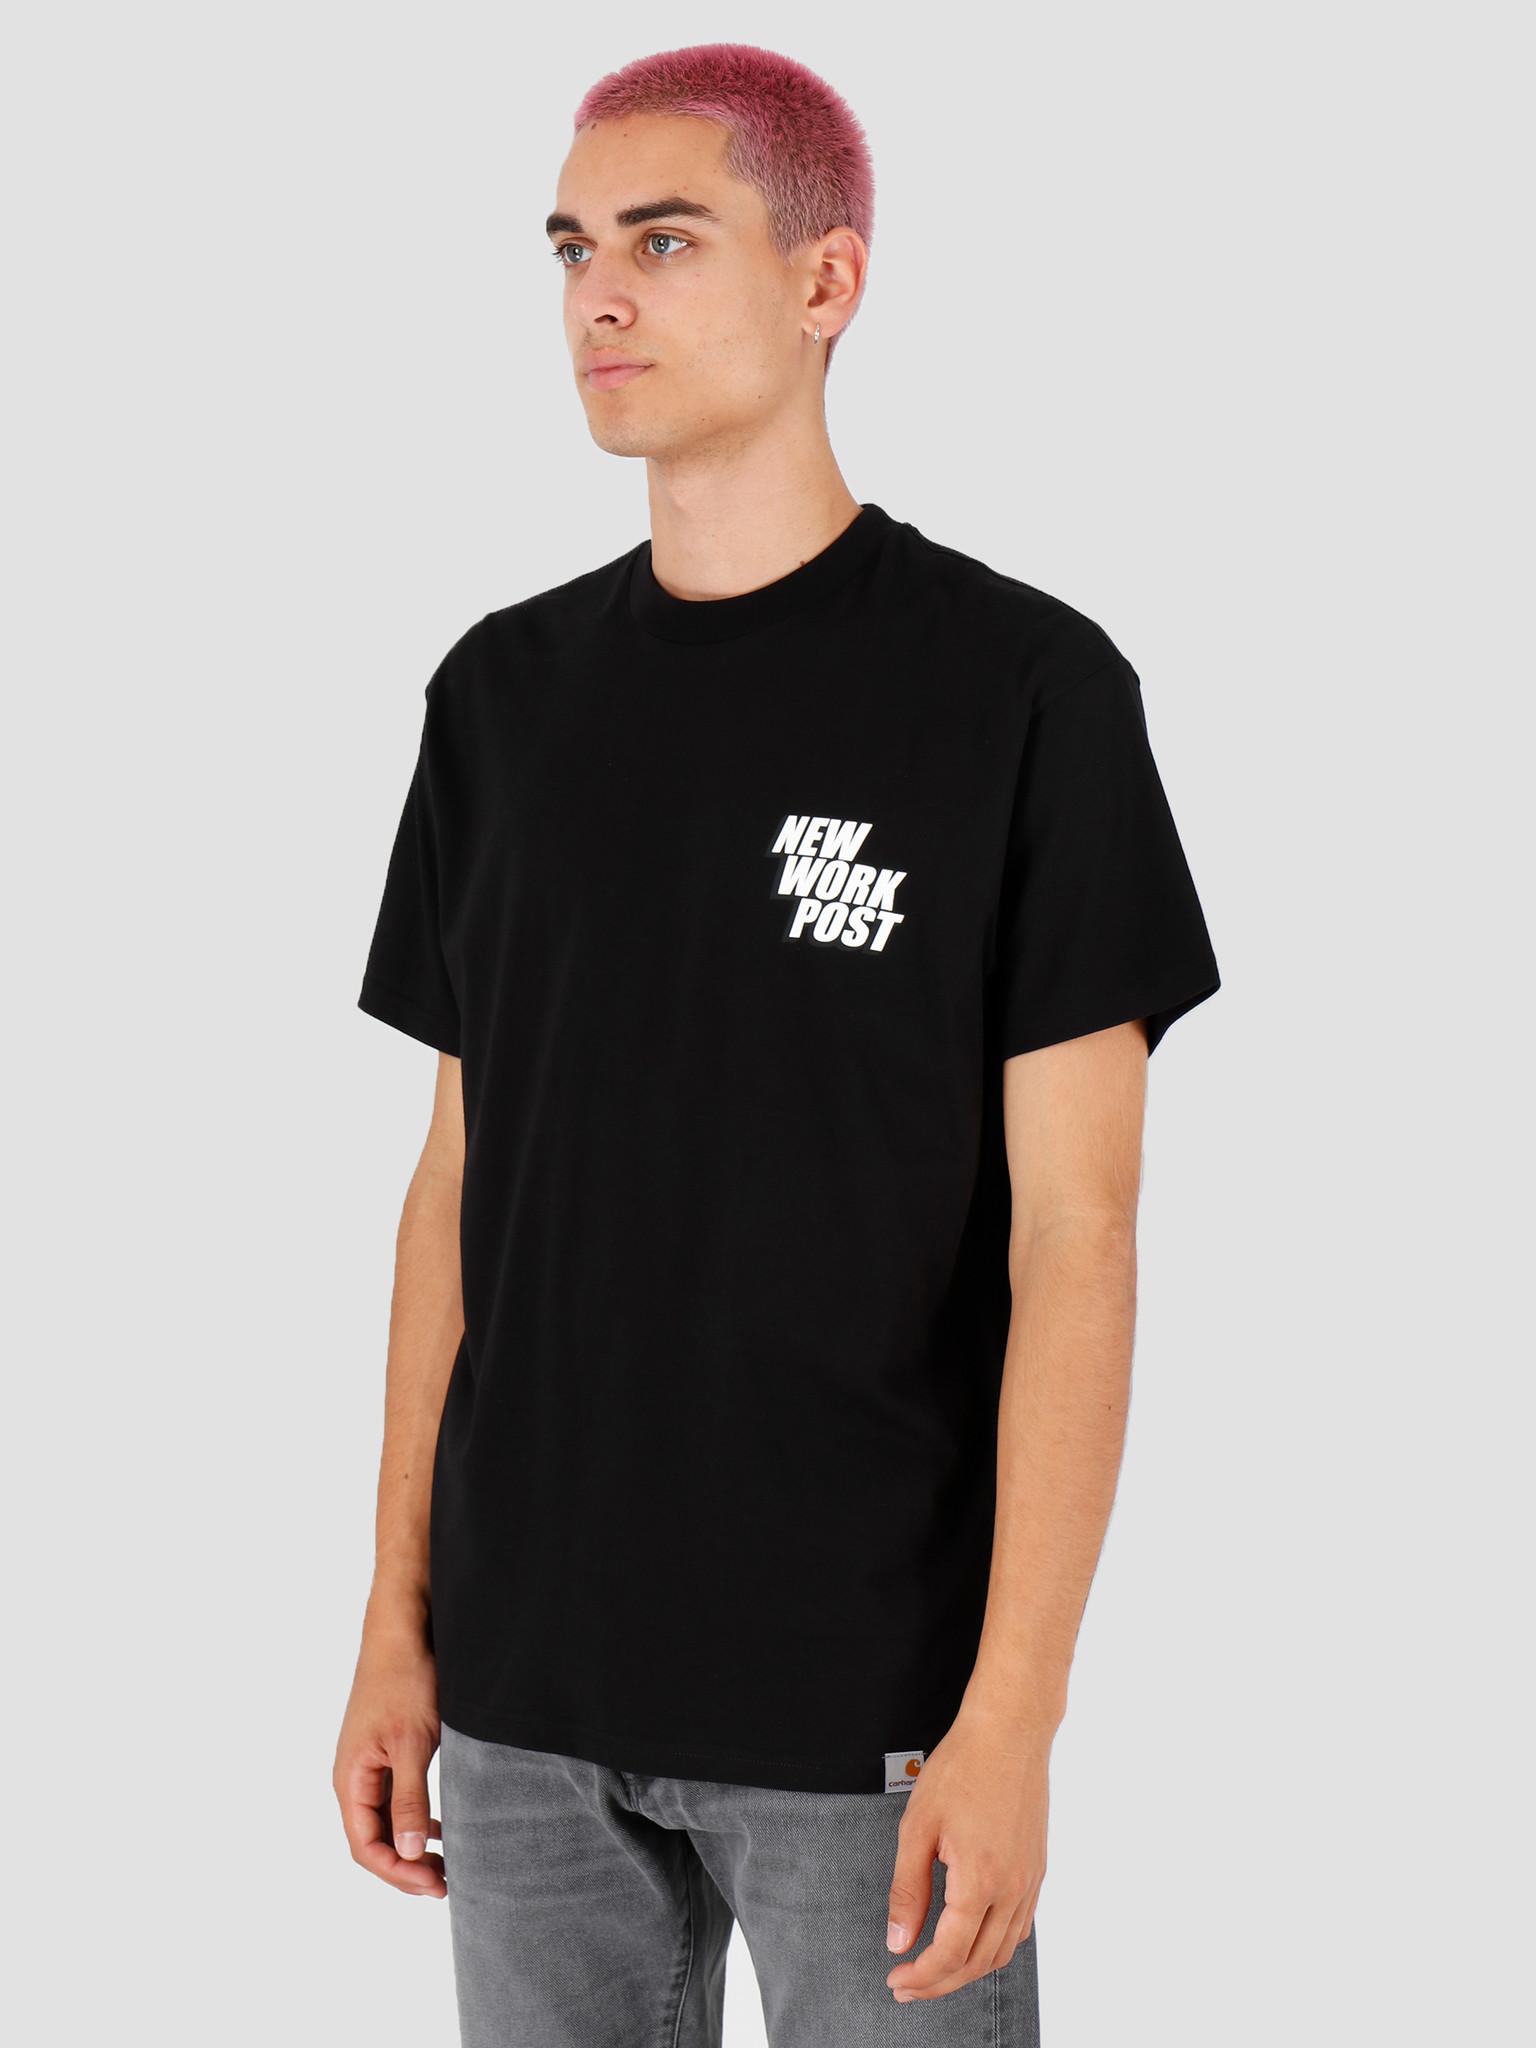 Carhartt WIP Carhartt WIP Post T Shirt Black I027108